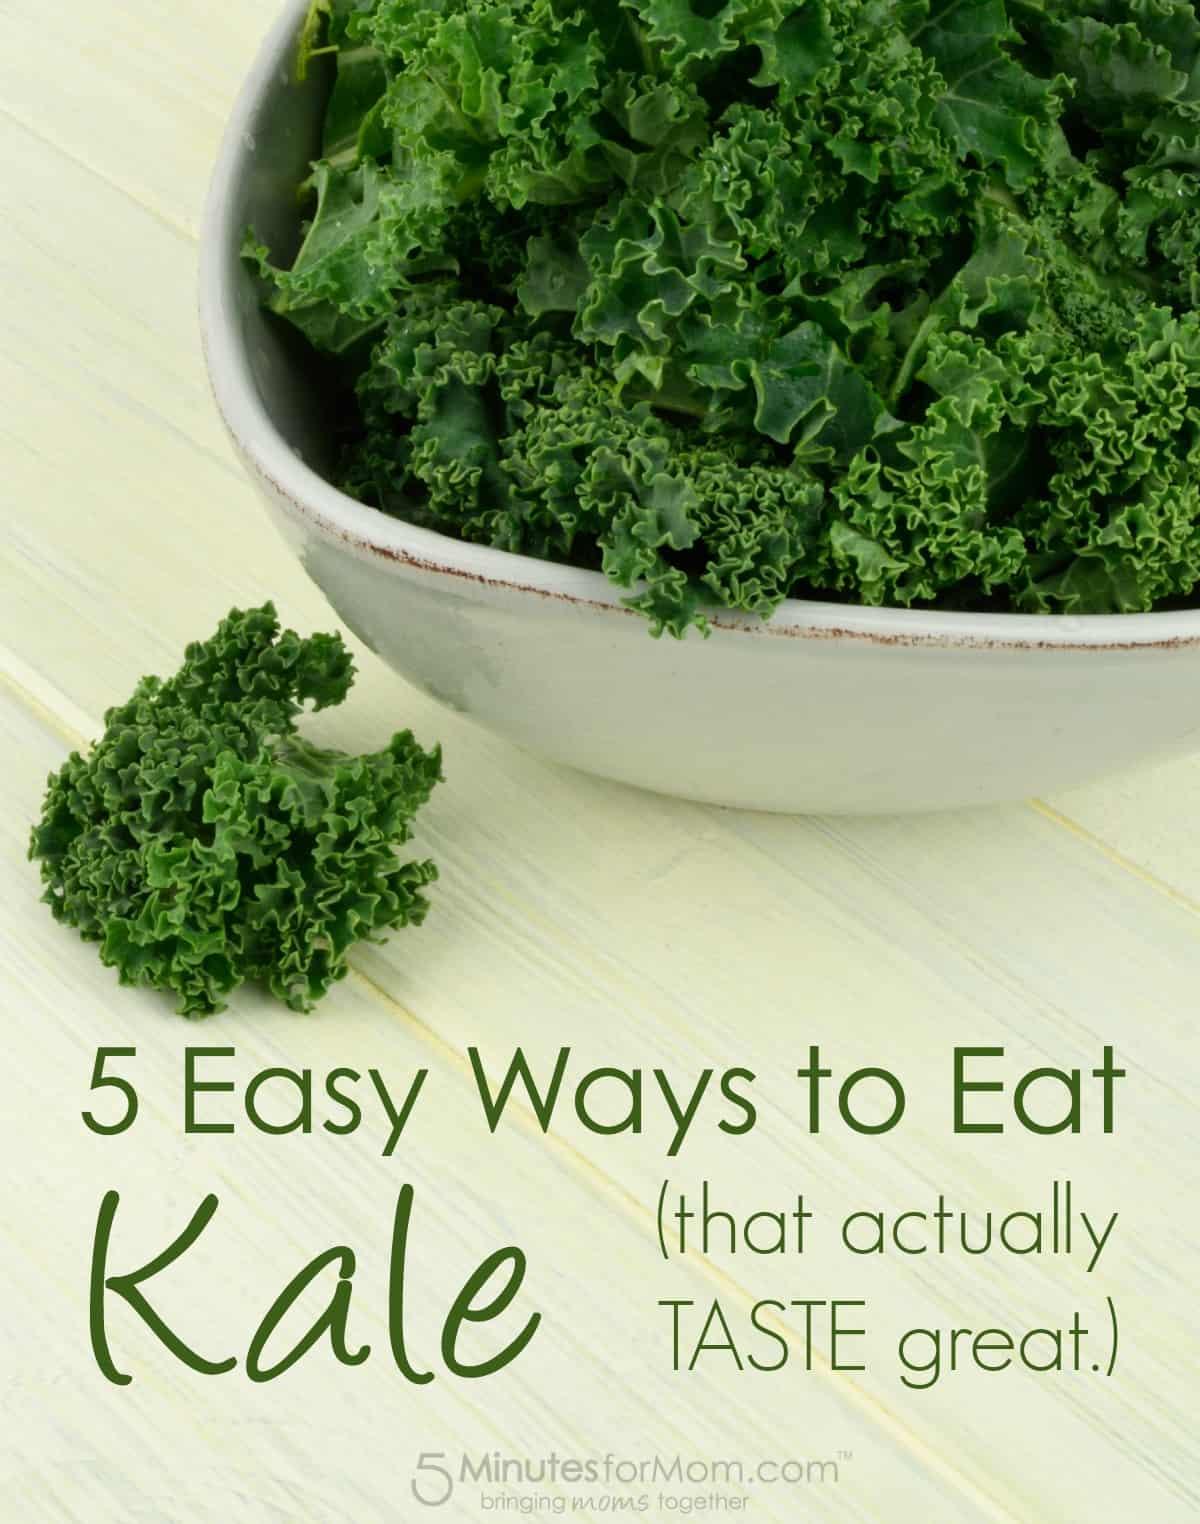 5 Easy Ways to Eat Kale